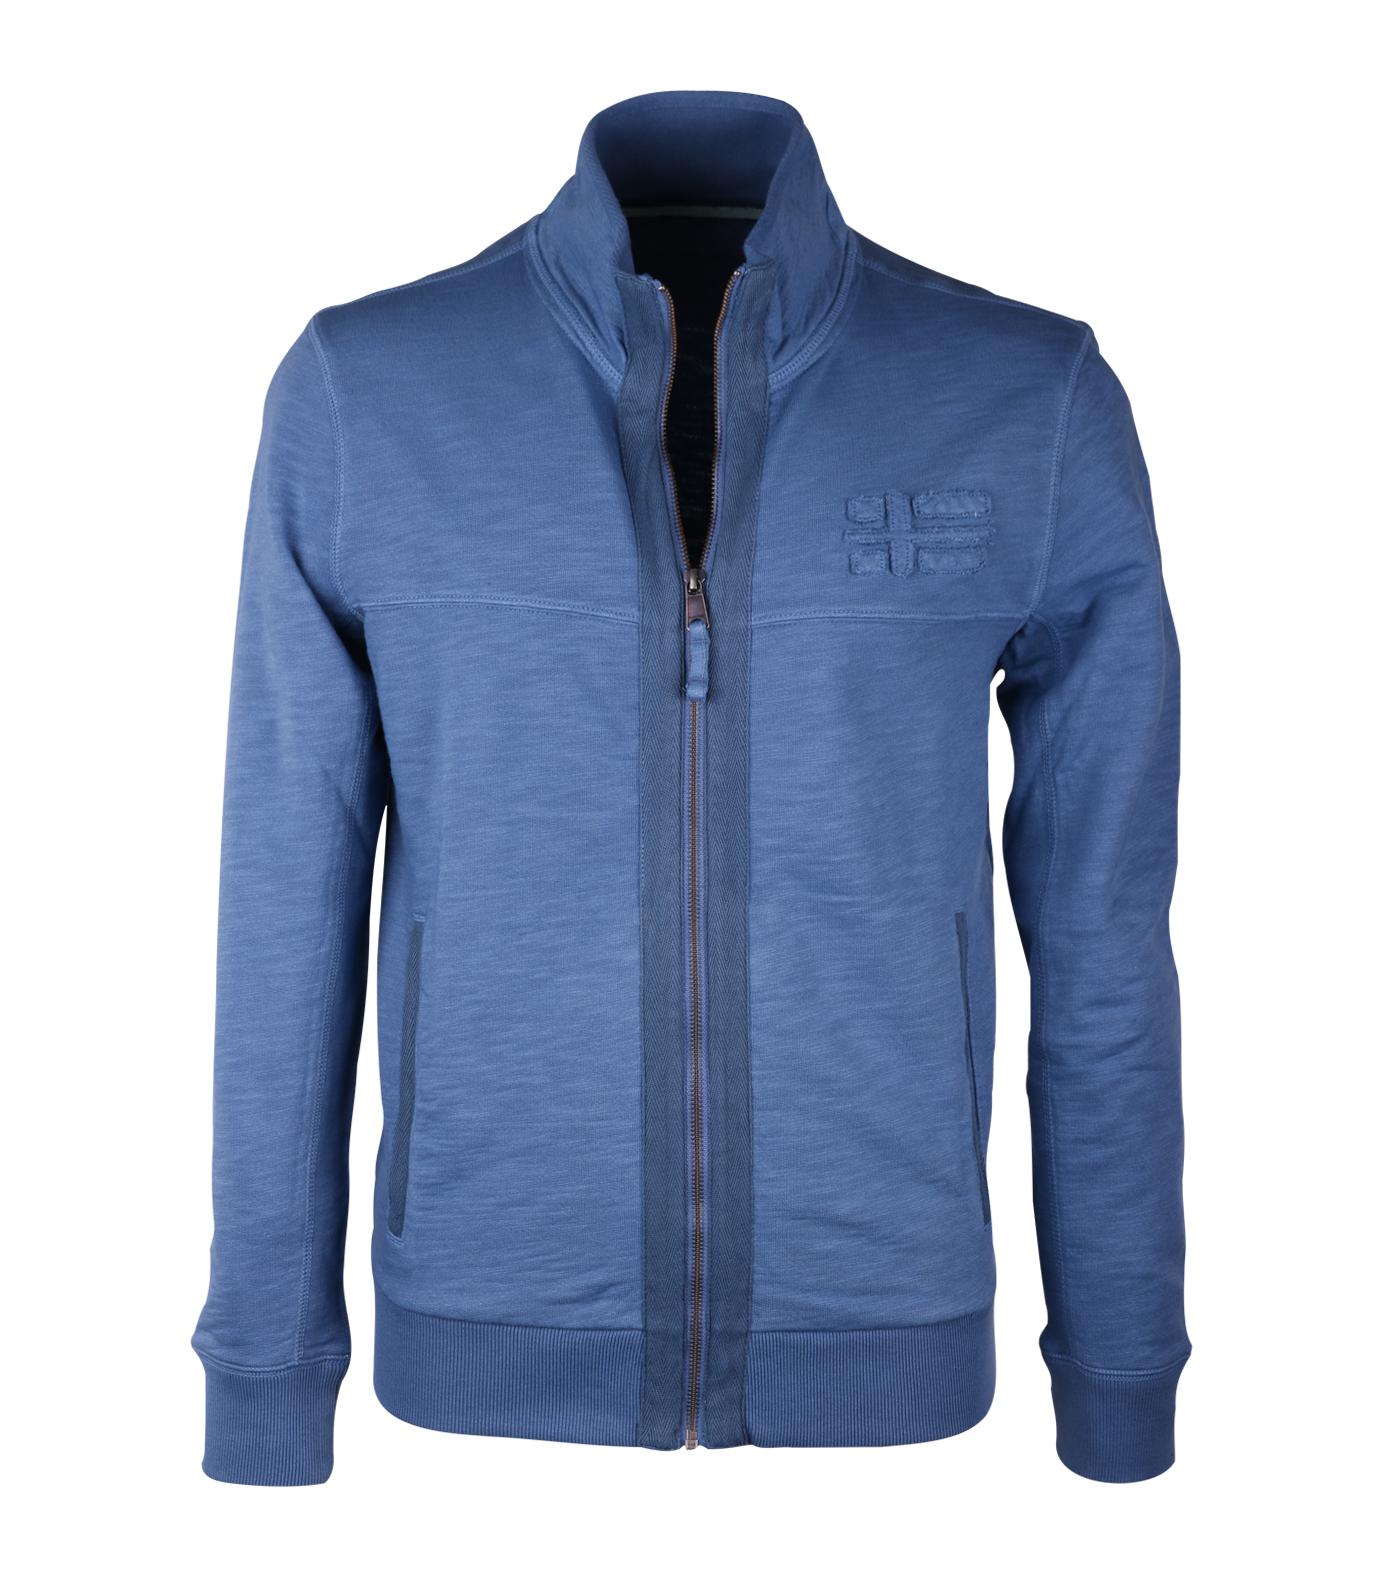 Napapijri biblos vest blauw for Designhotel maastricht comfort xl